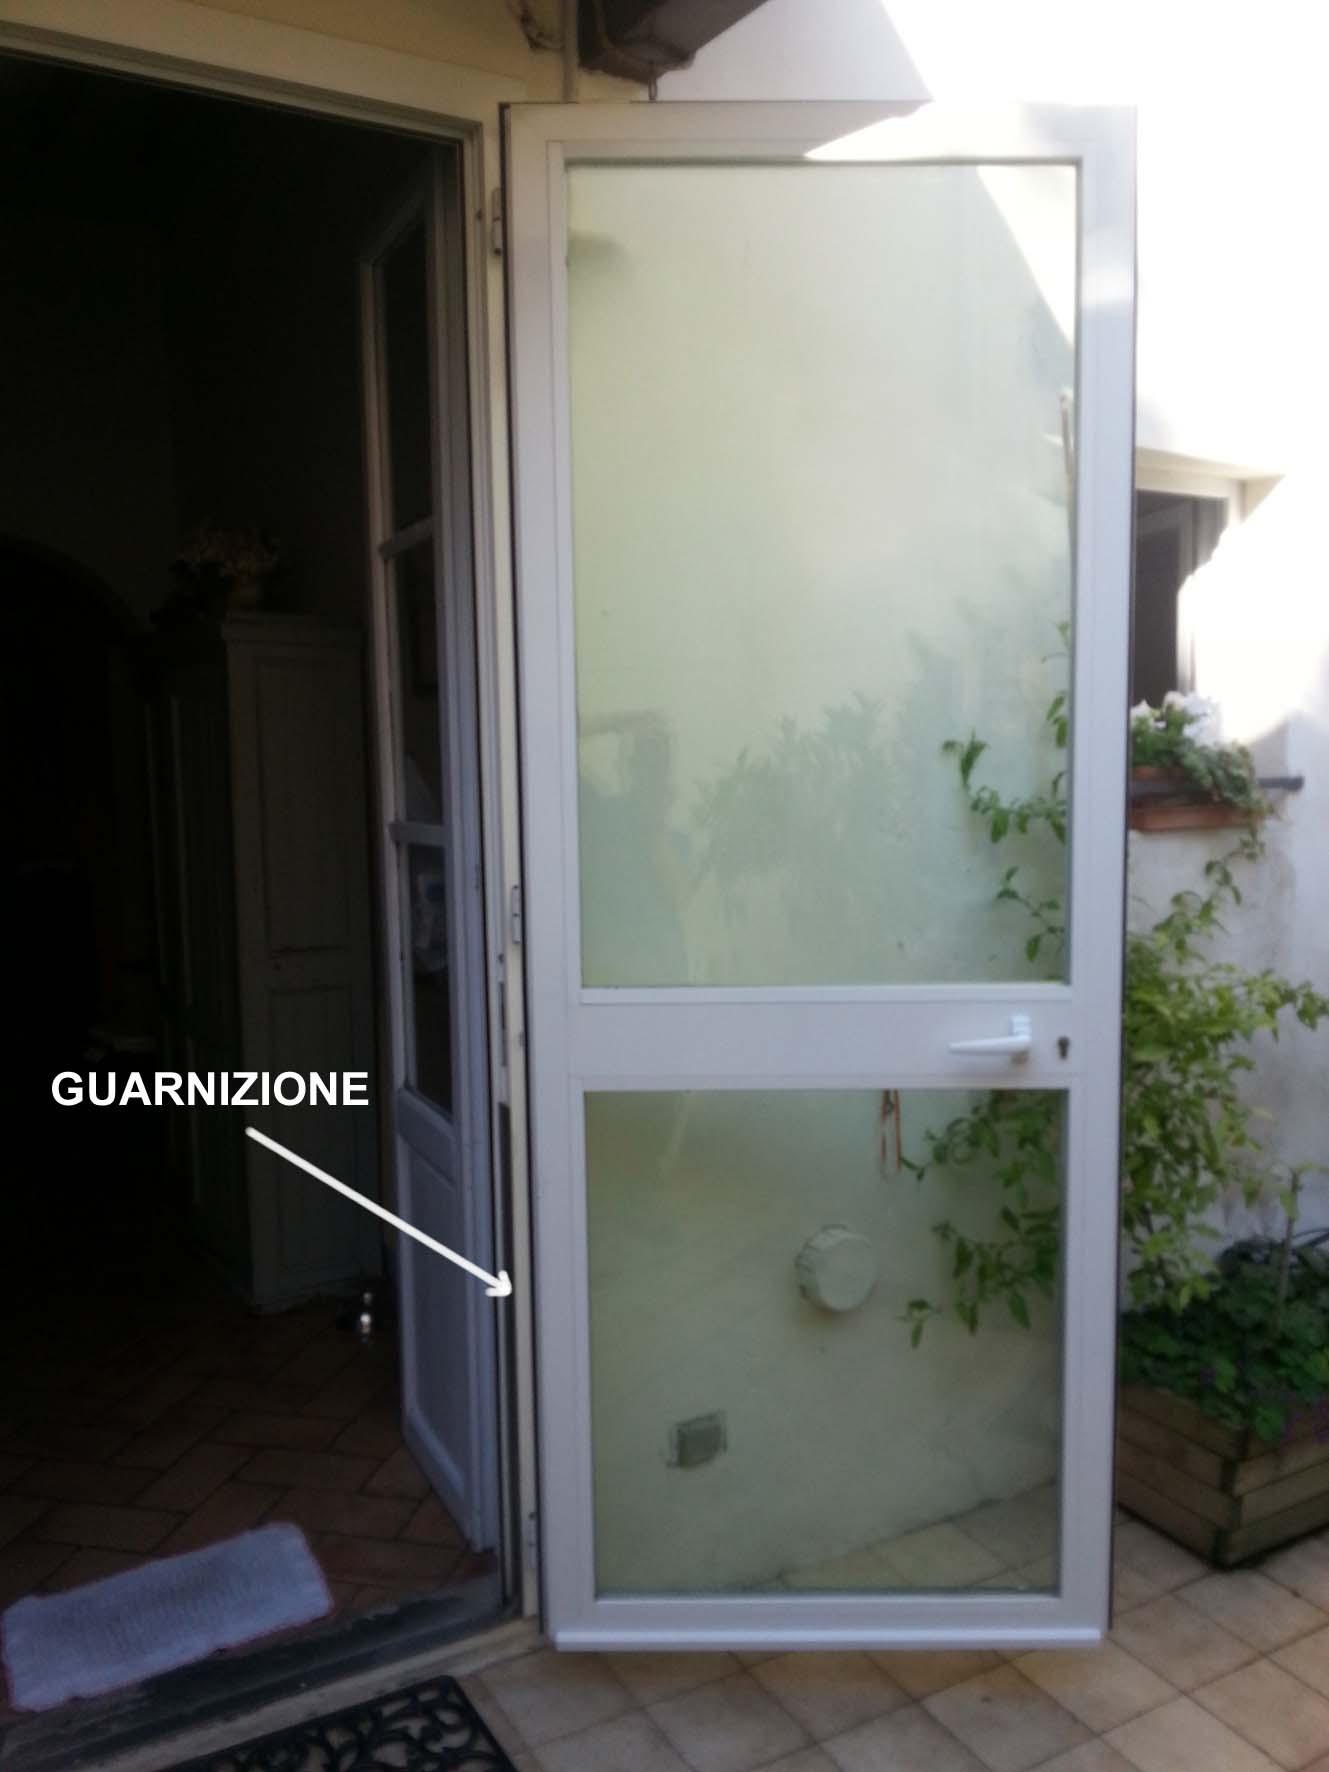 Aquatechantiallagamento it gallery - Porta esterna in alluminio ...